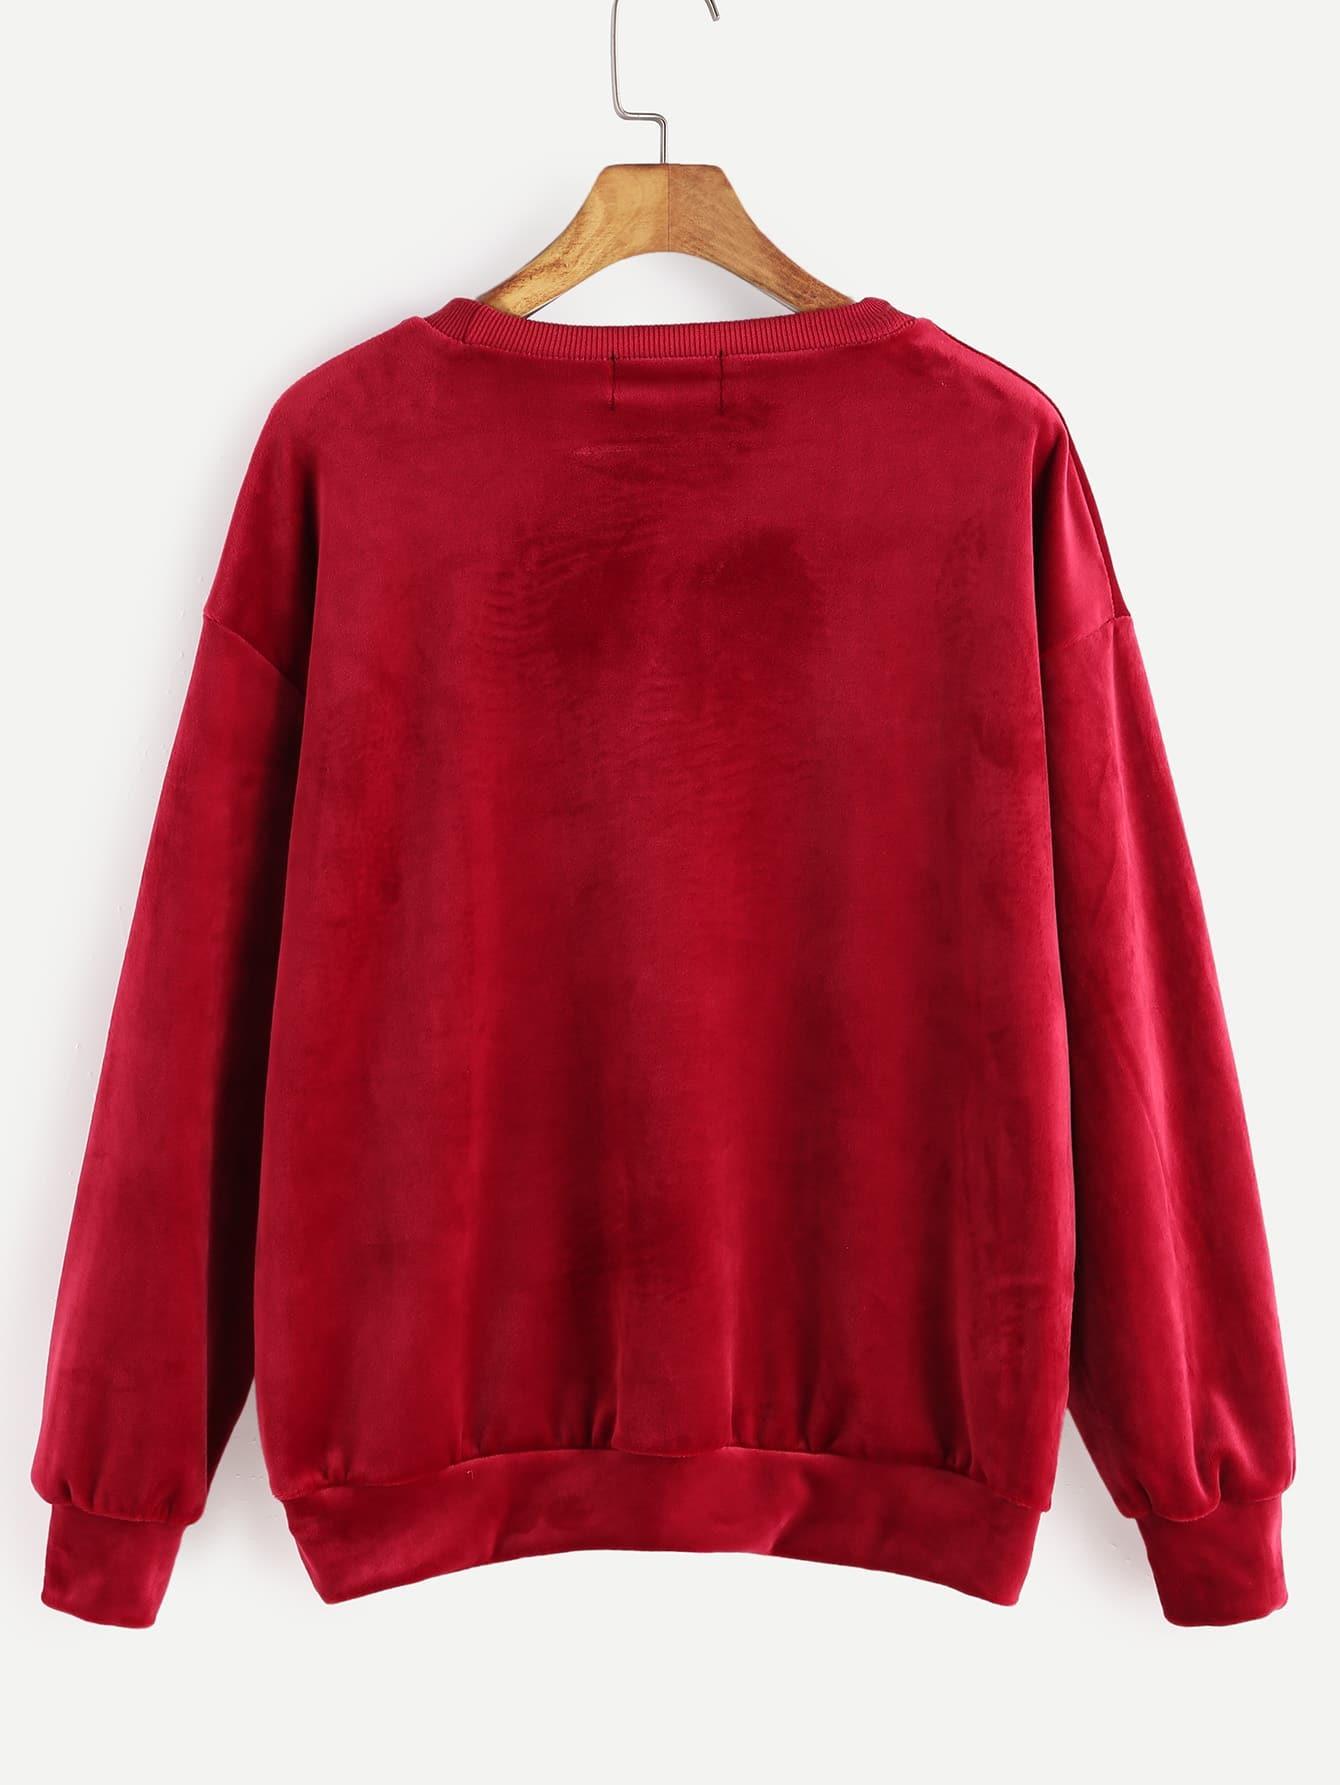 sweatshirt161122005_2